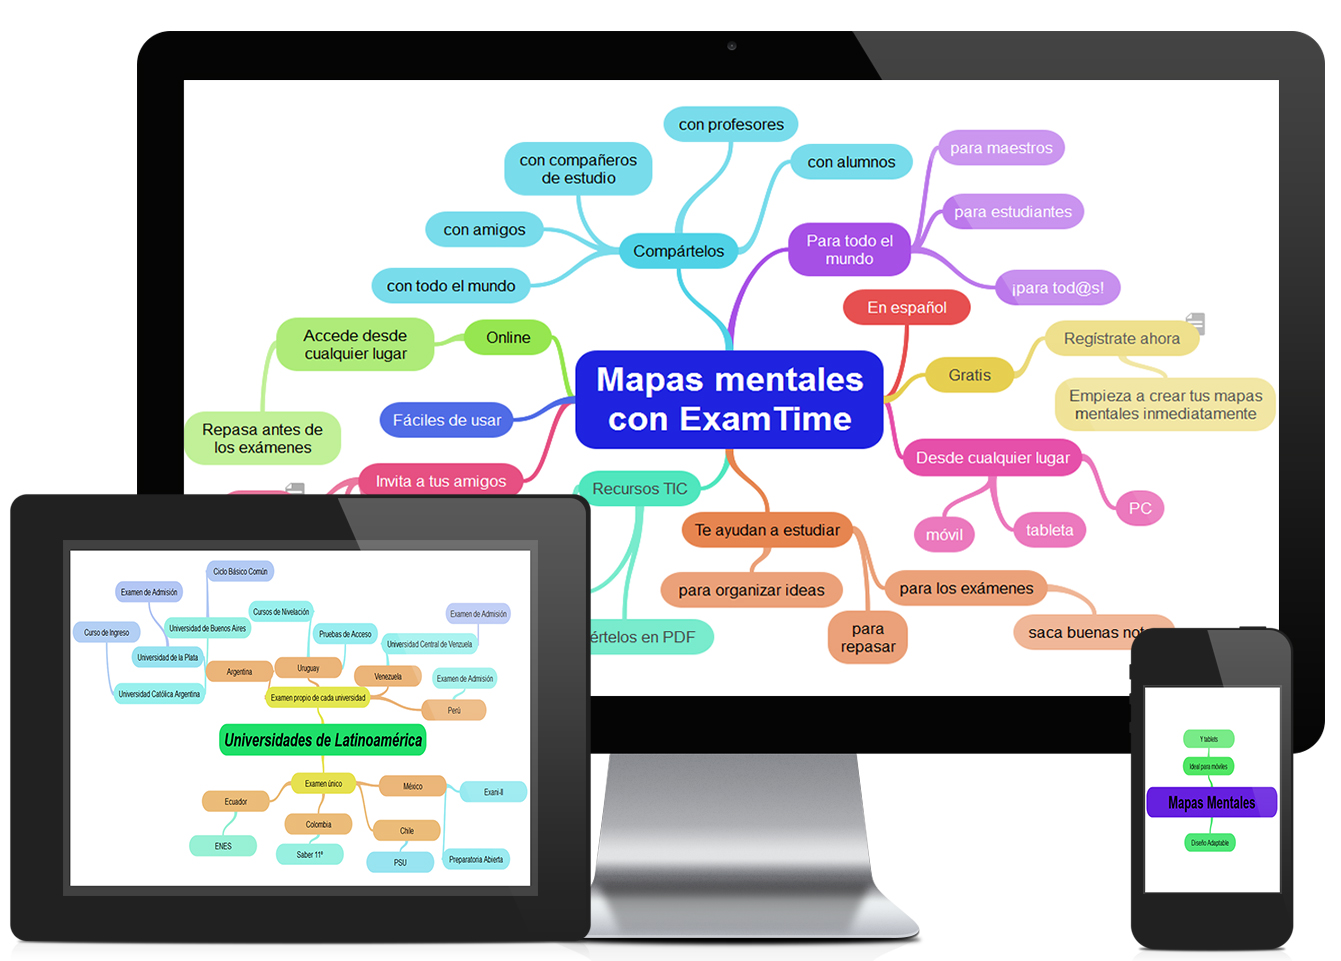 Habilidades siglo xxi agosto 2013 for Programa para hacer un plano sencillo gratis